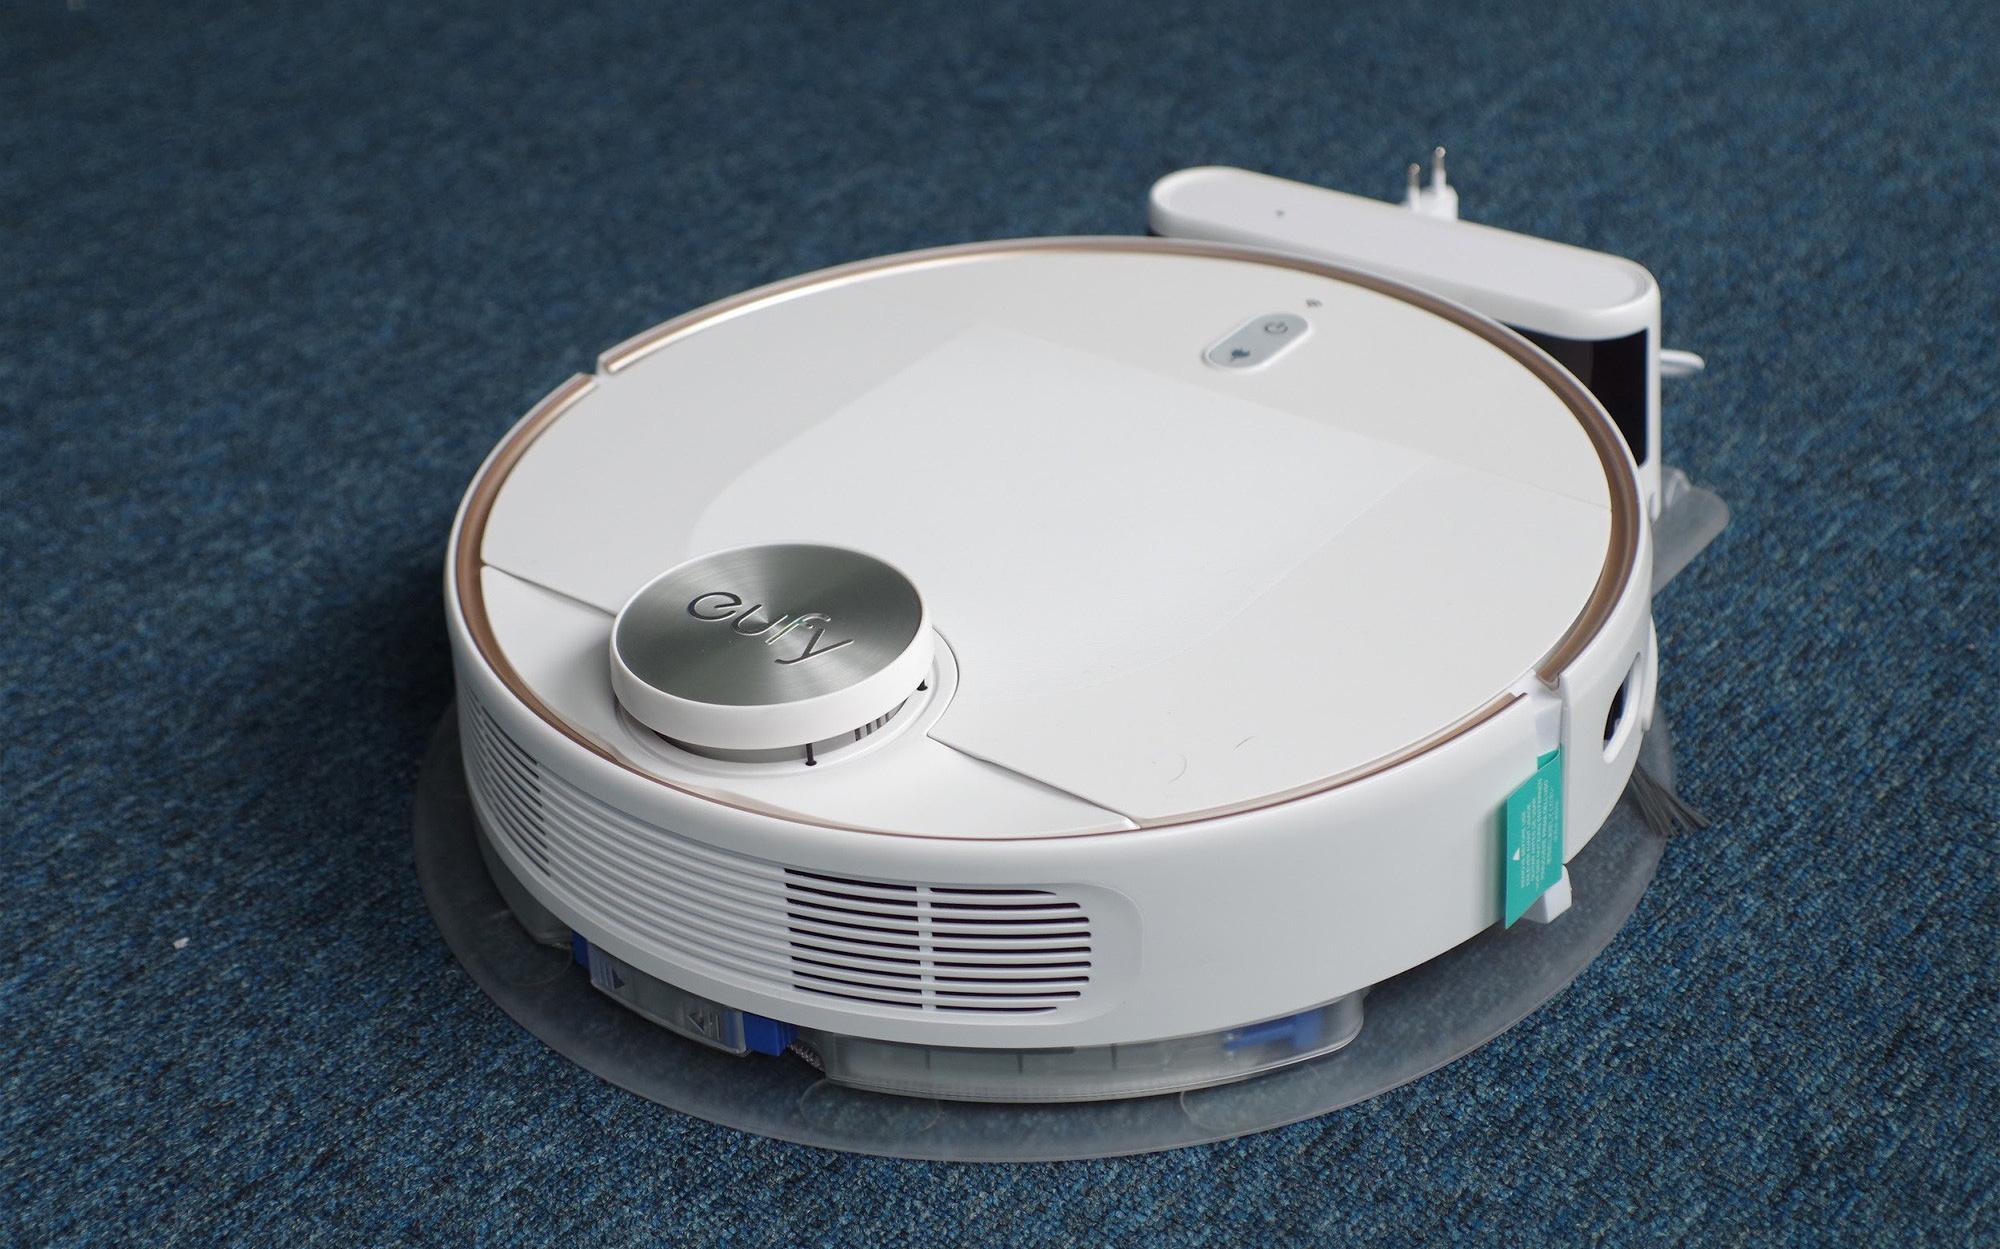 Robot hút bụi Eufy RoboVac L70 Hybrid: Trợ thủ đắc lực giúp dọn nhà nhàn tênh